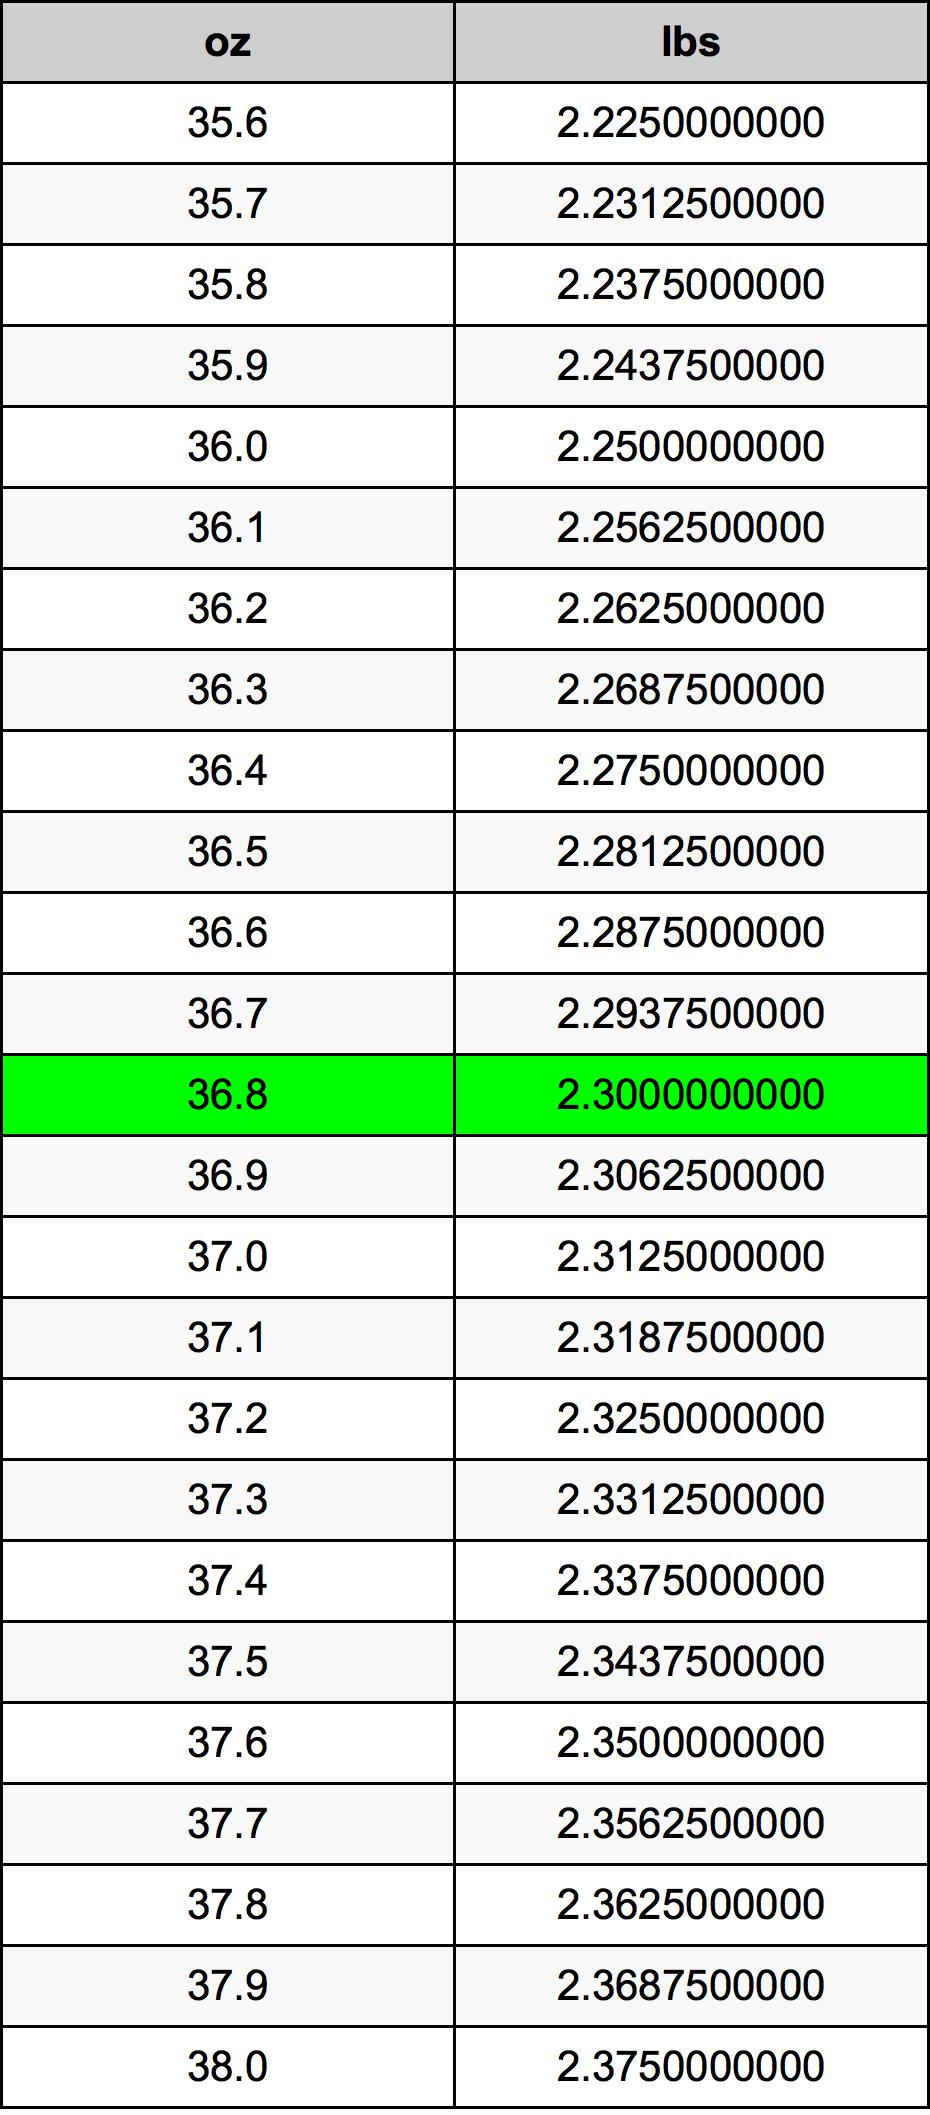 36.8 Ounces To Pounds Converter | 36.8 oz To lbs Converter